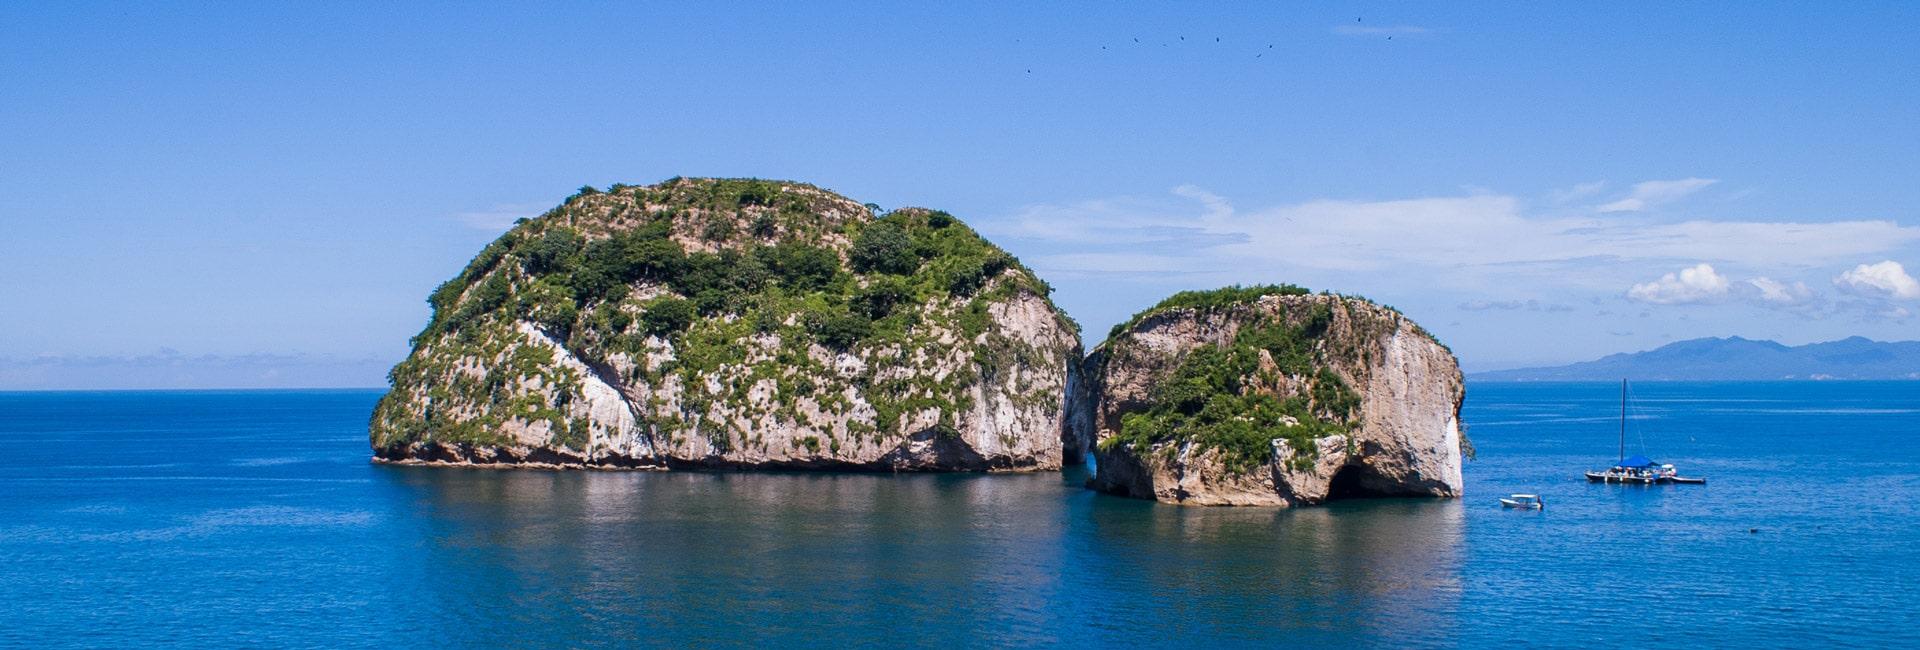 Los Arcos National Marine Park Puerto Vallarta Mexico